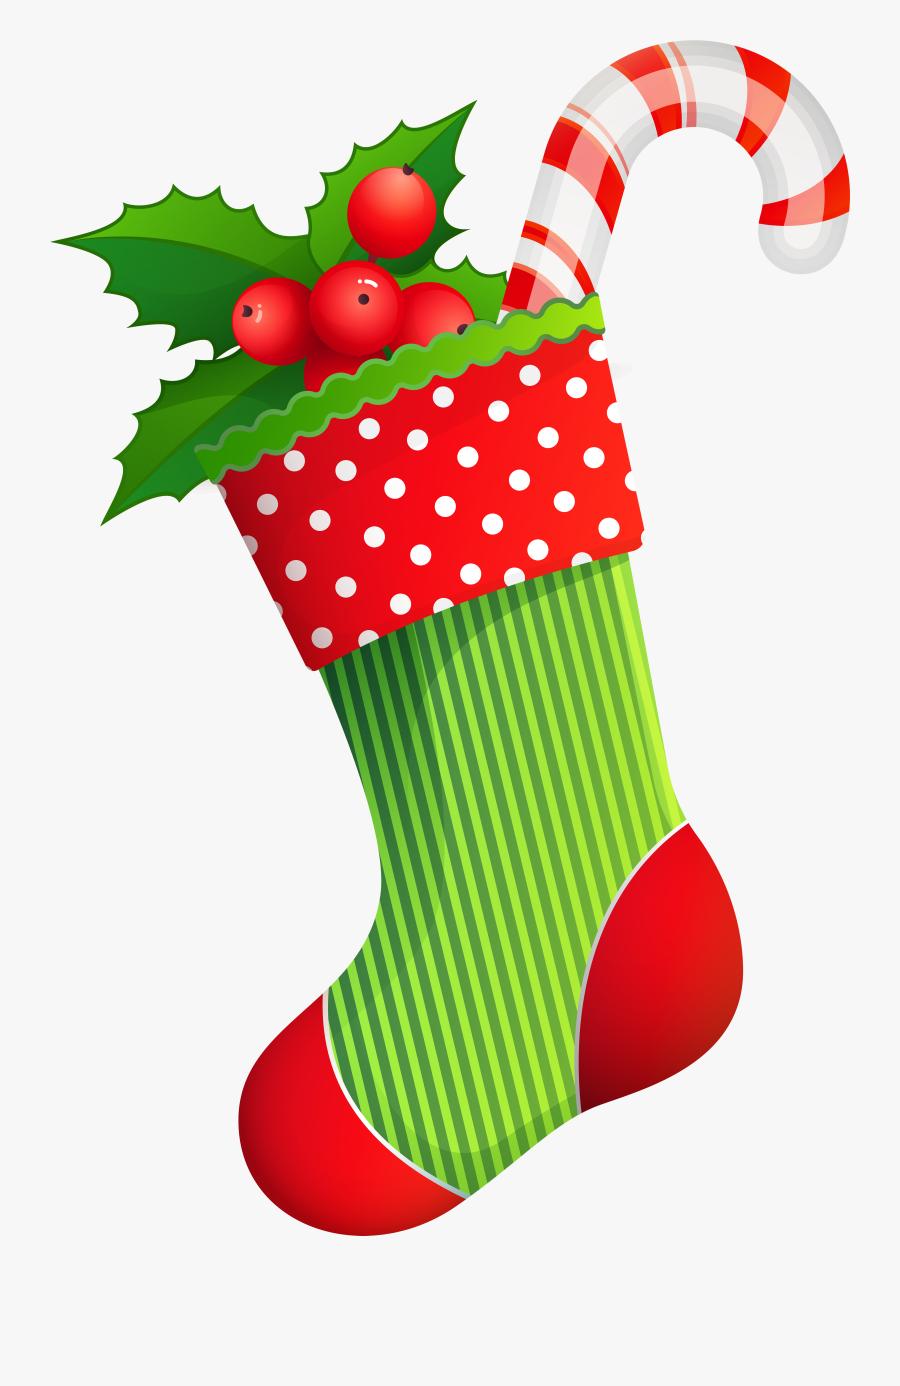 Clipart Free Christmas - Meia De Natal Png, Transparent Clipart